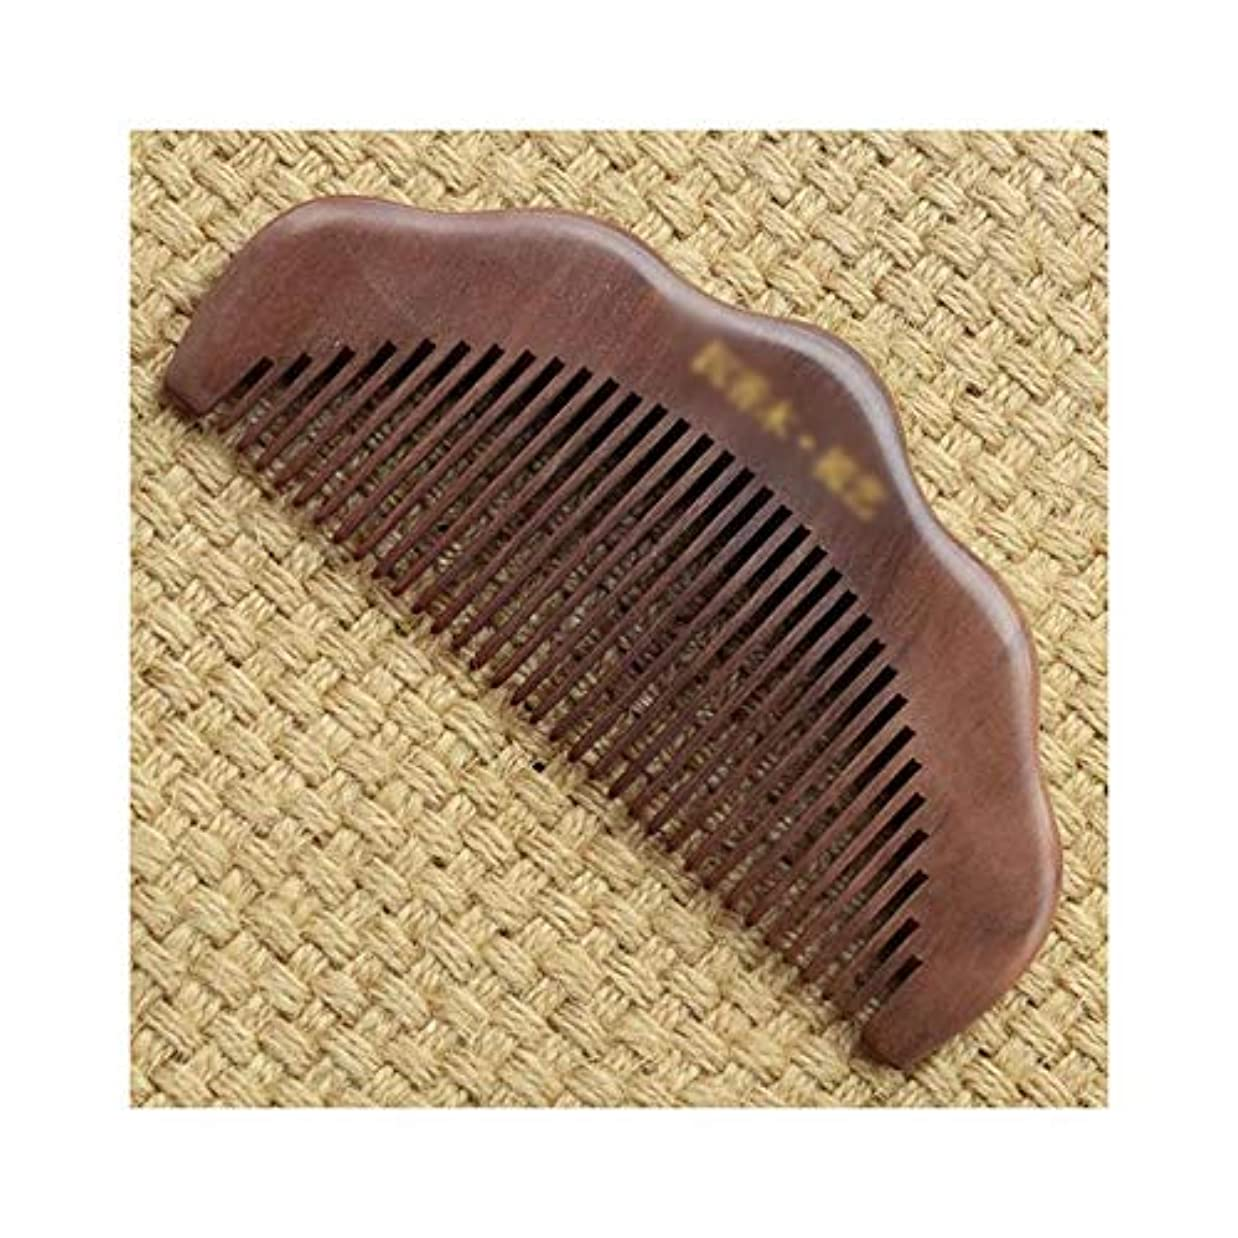 干渉するマーチャンダイザー多数のWASAIO 口ひげ、あごひげ髪のアンチスタティックの罰金とミディアム歯とトラベルサイズの木製くし手作り抗静的カーリーストレートヘアブラシブラシ